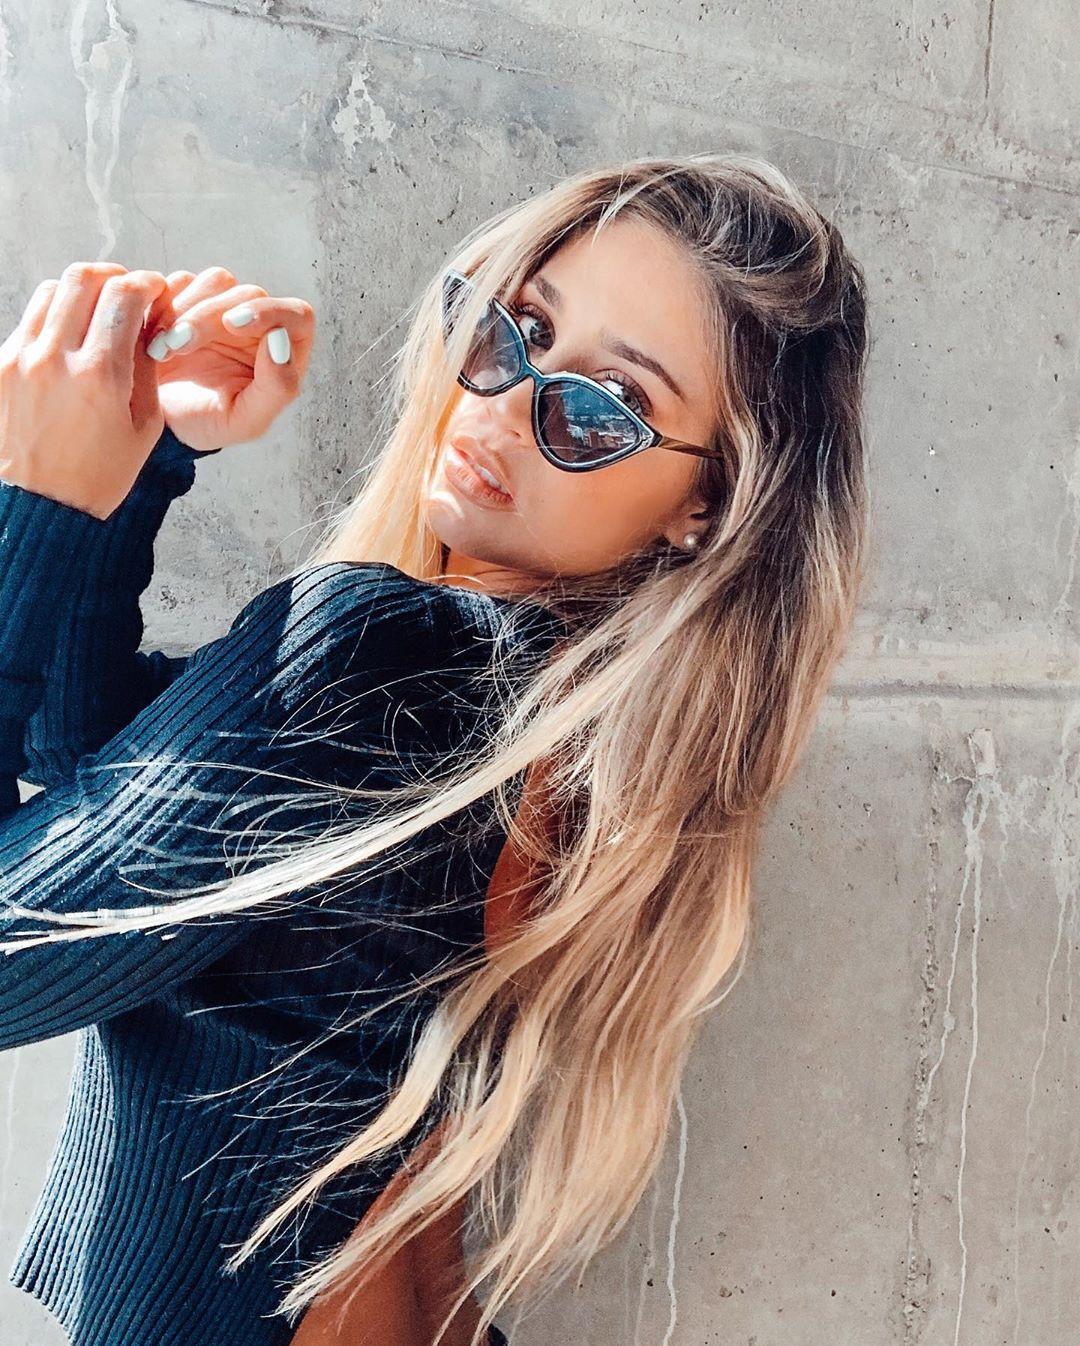 Valeria-Ortiz-Acevedo-Wallpapers-Insta-Fit-Bio-5